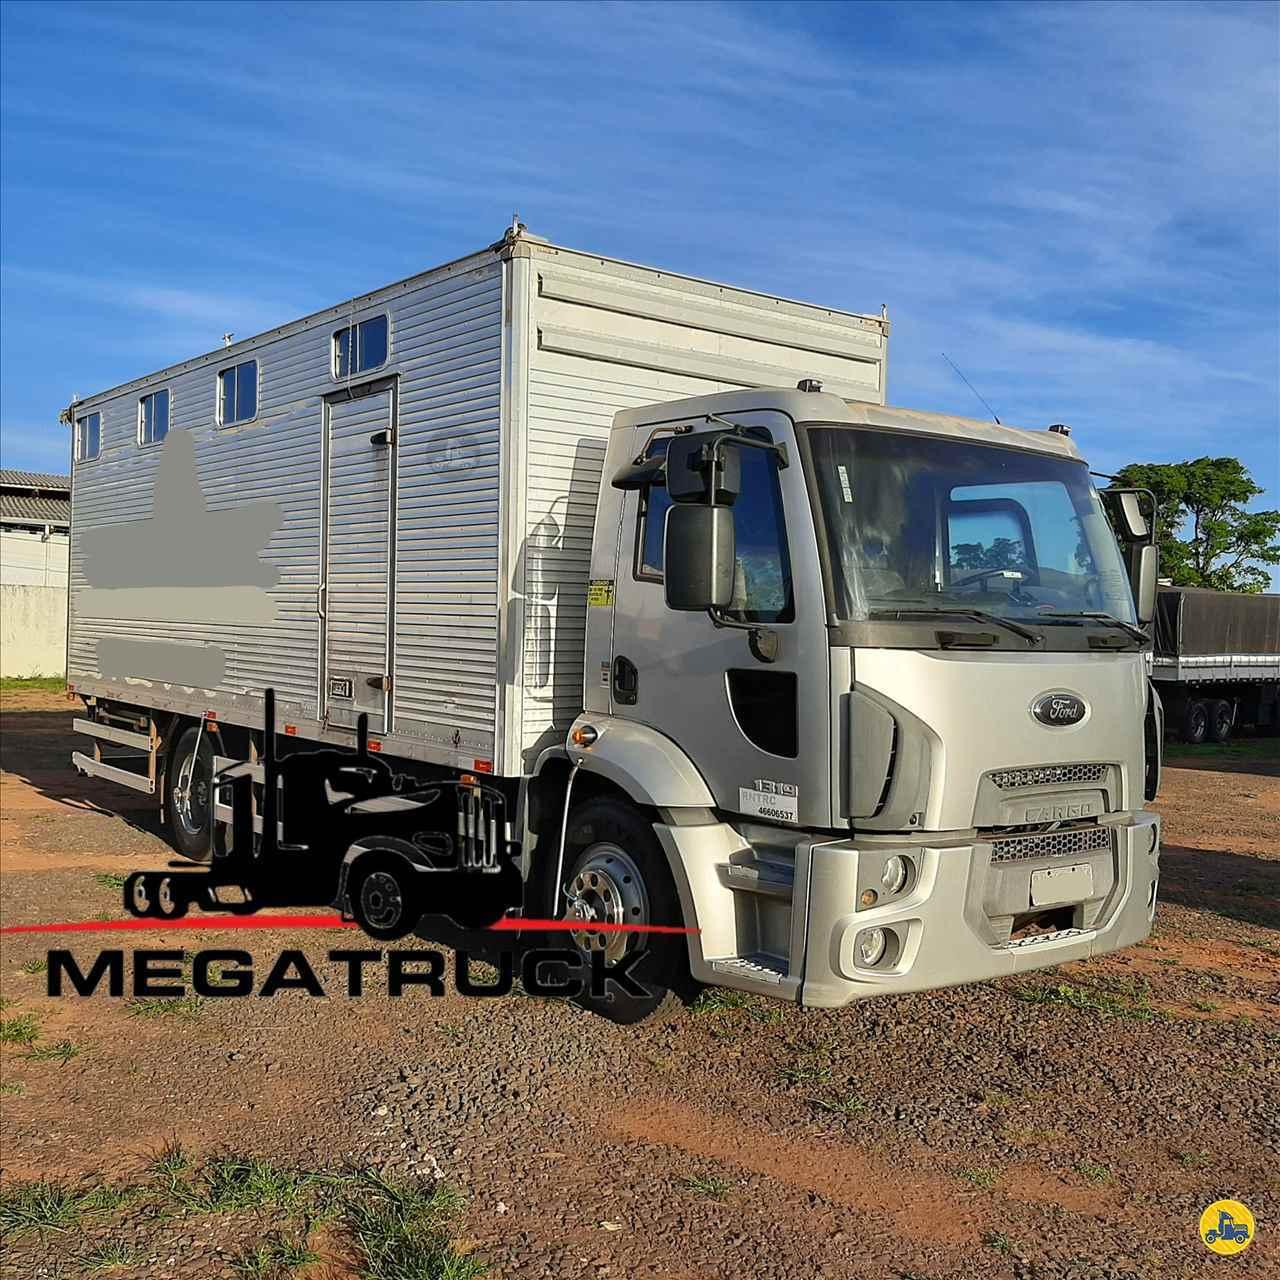 CAMINHAO FORD CARGO 1319 Baú Furgão Toco 4x2 Megatruck Caminhões e Máquinas CAMPO GRANDE MATO GROSSO DO SUL MS